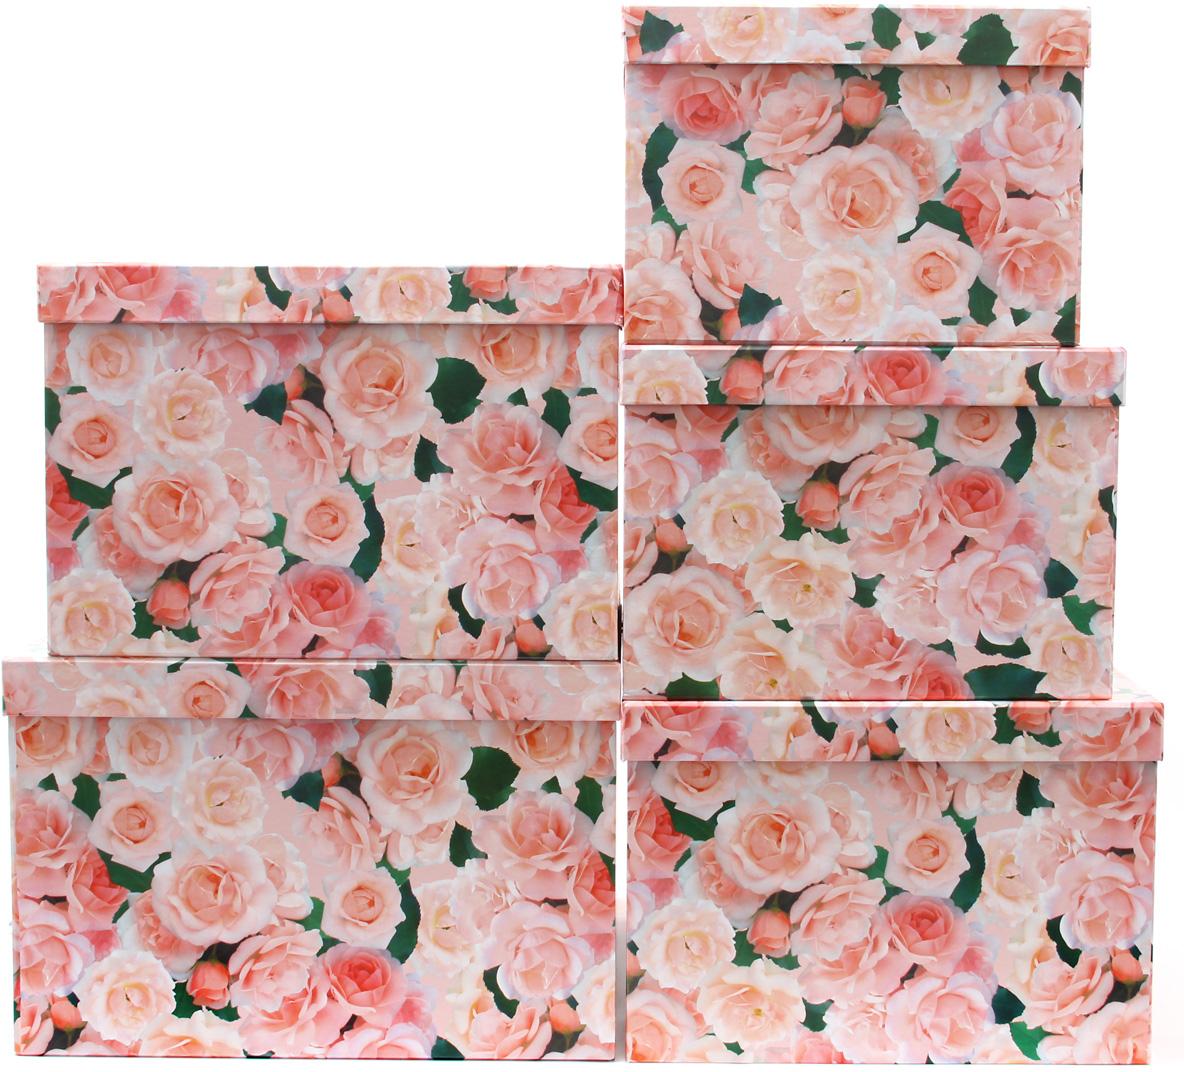 Набор подарочных коробок Veld-Co Нежные розы, кубы, большие, 5 шт набор подарочных коробок veld co нежные розы кубы 5 шт